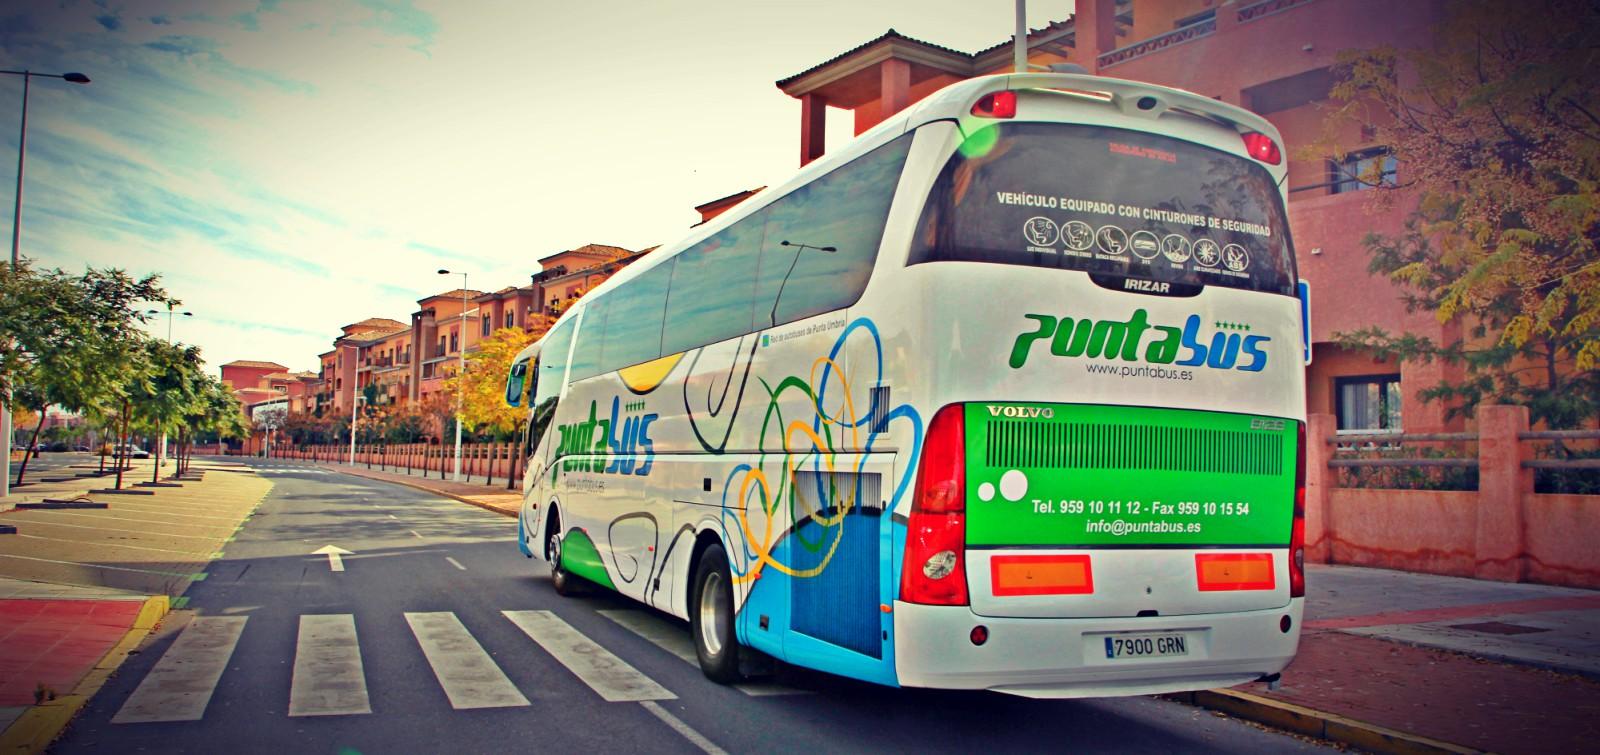 puntabus autobus discrecional congresos circuitos rutas escolares transfer aeropuertos